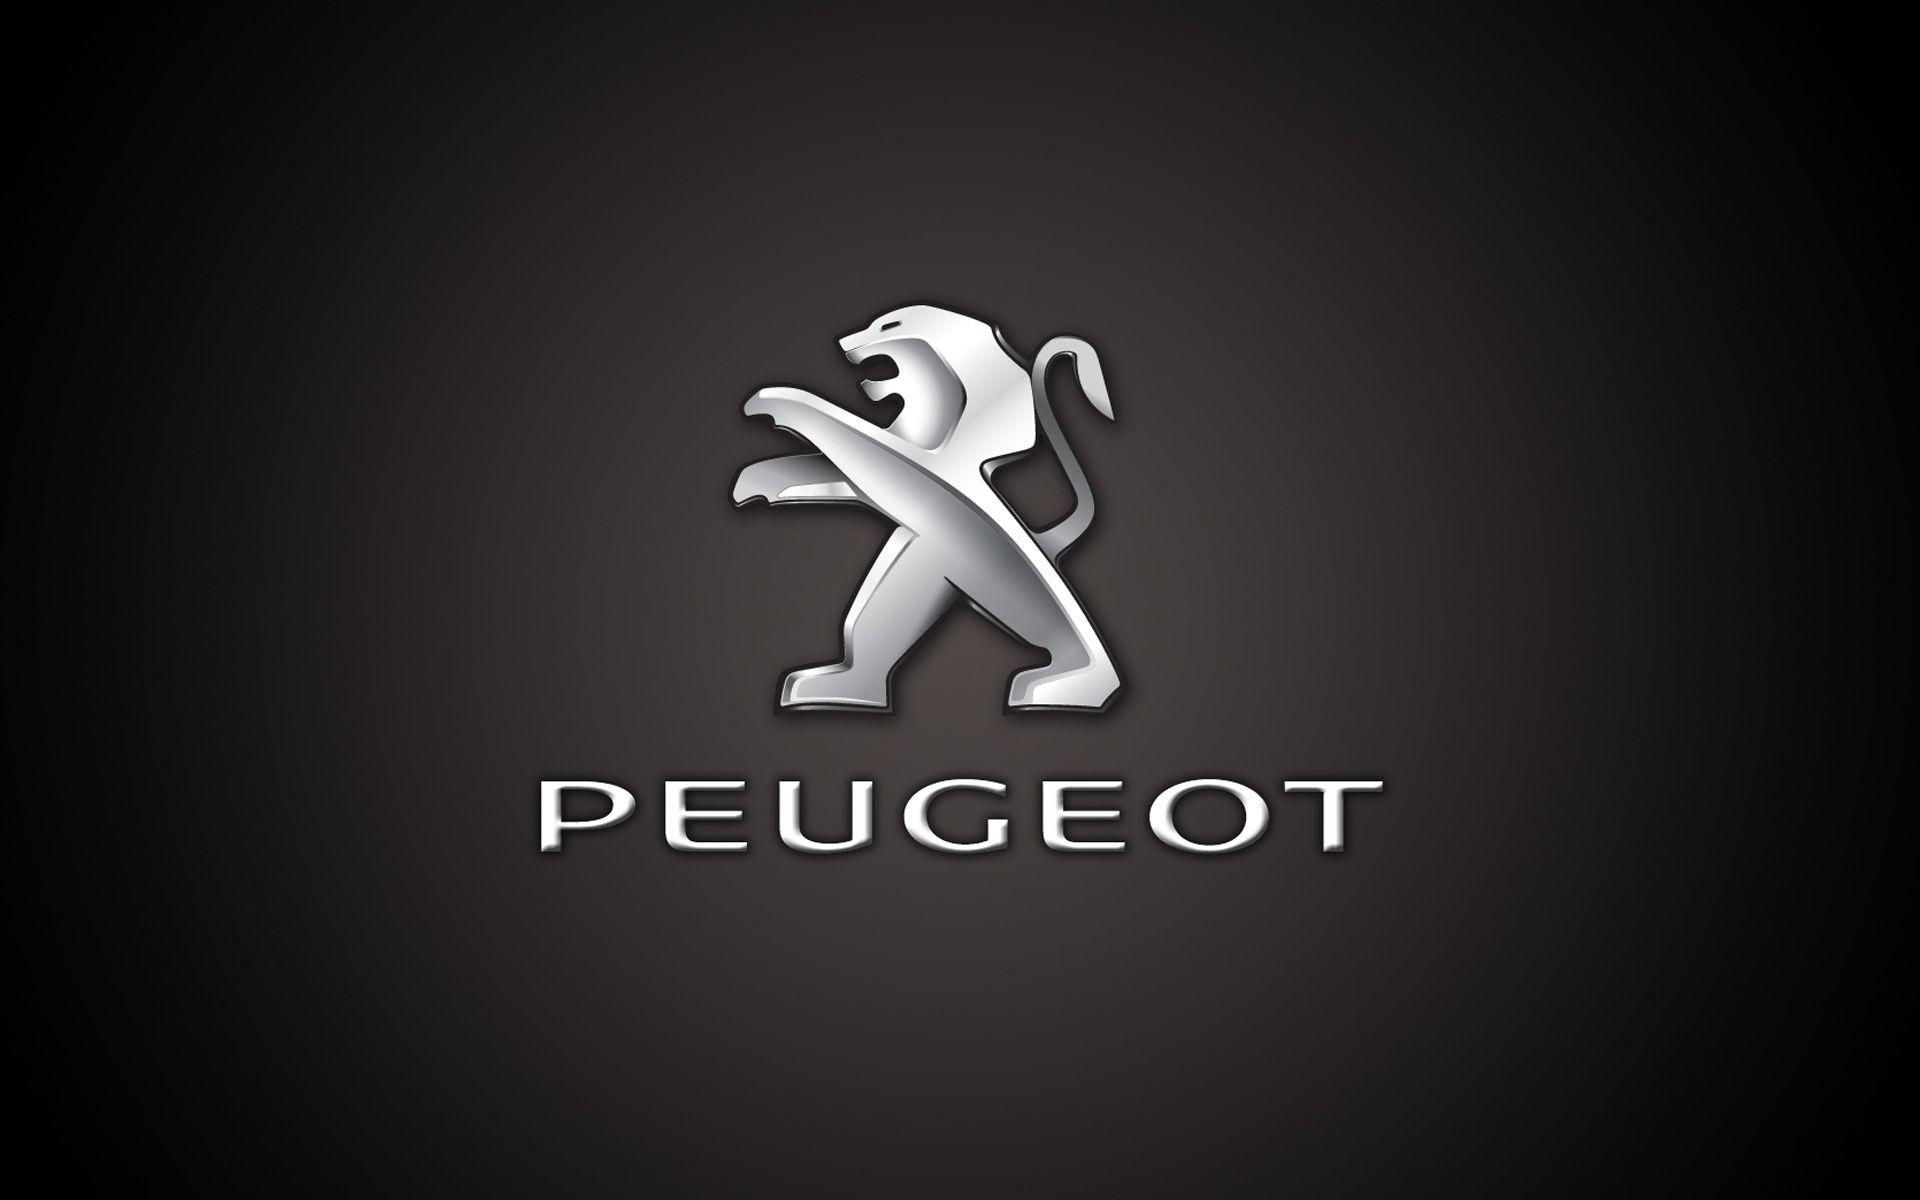 Nuove Peugeot 2015: i prossimi modelli in uscita